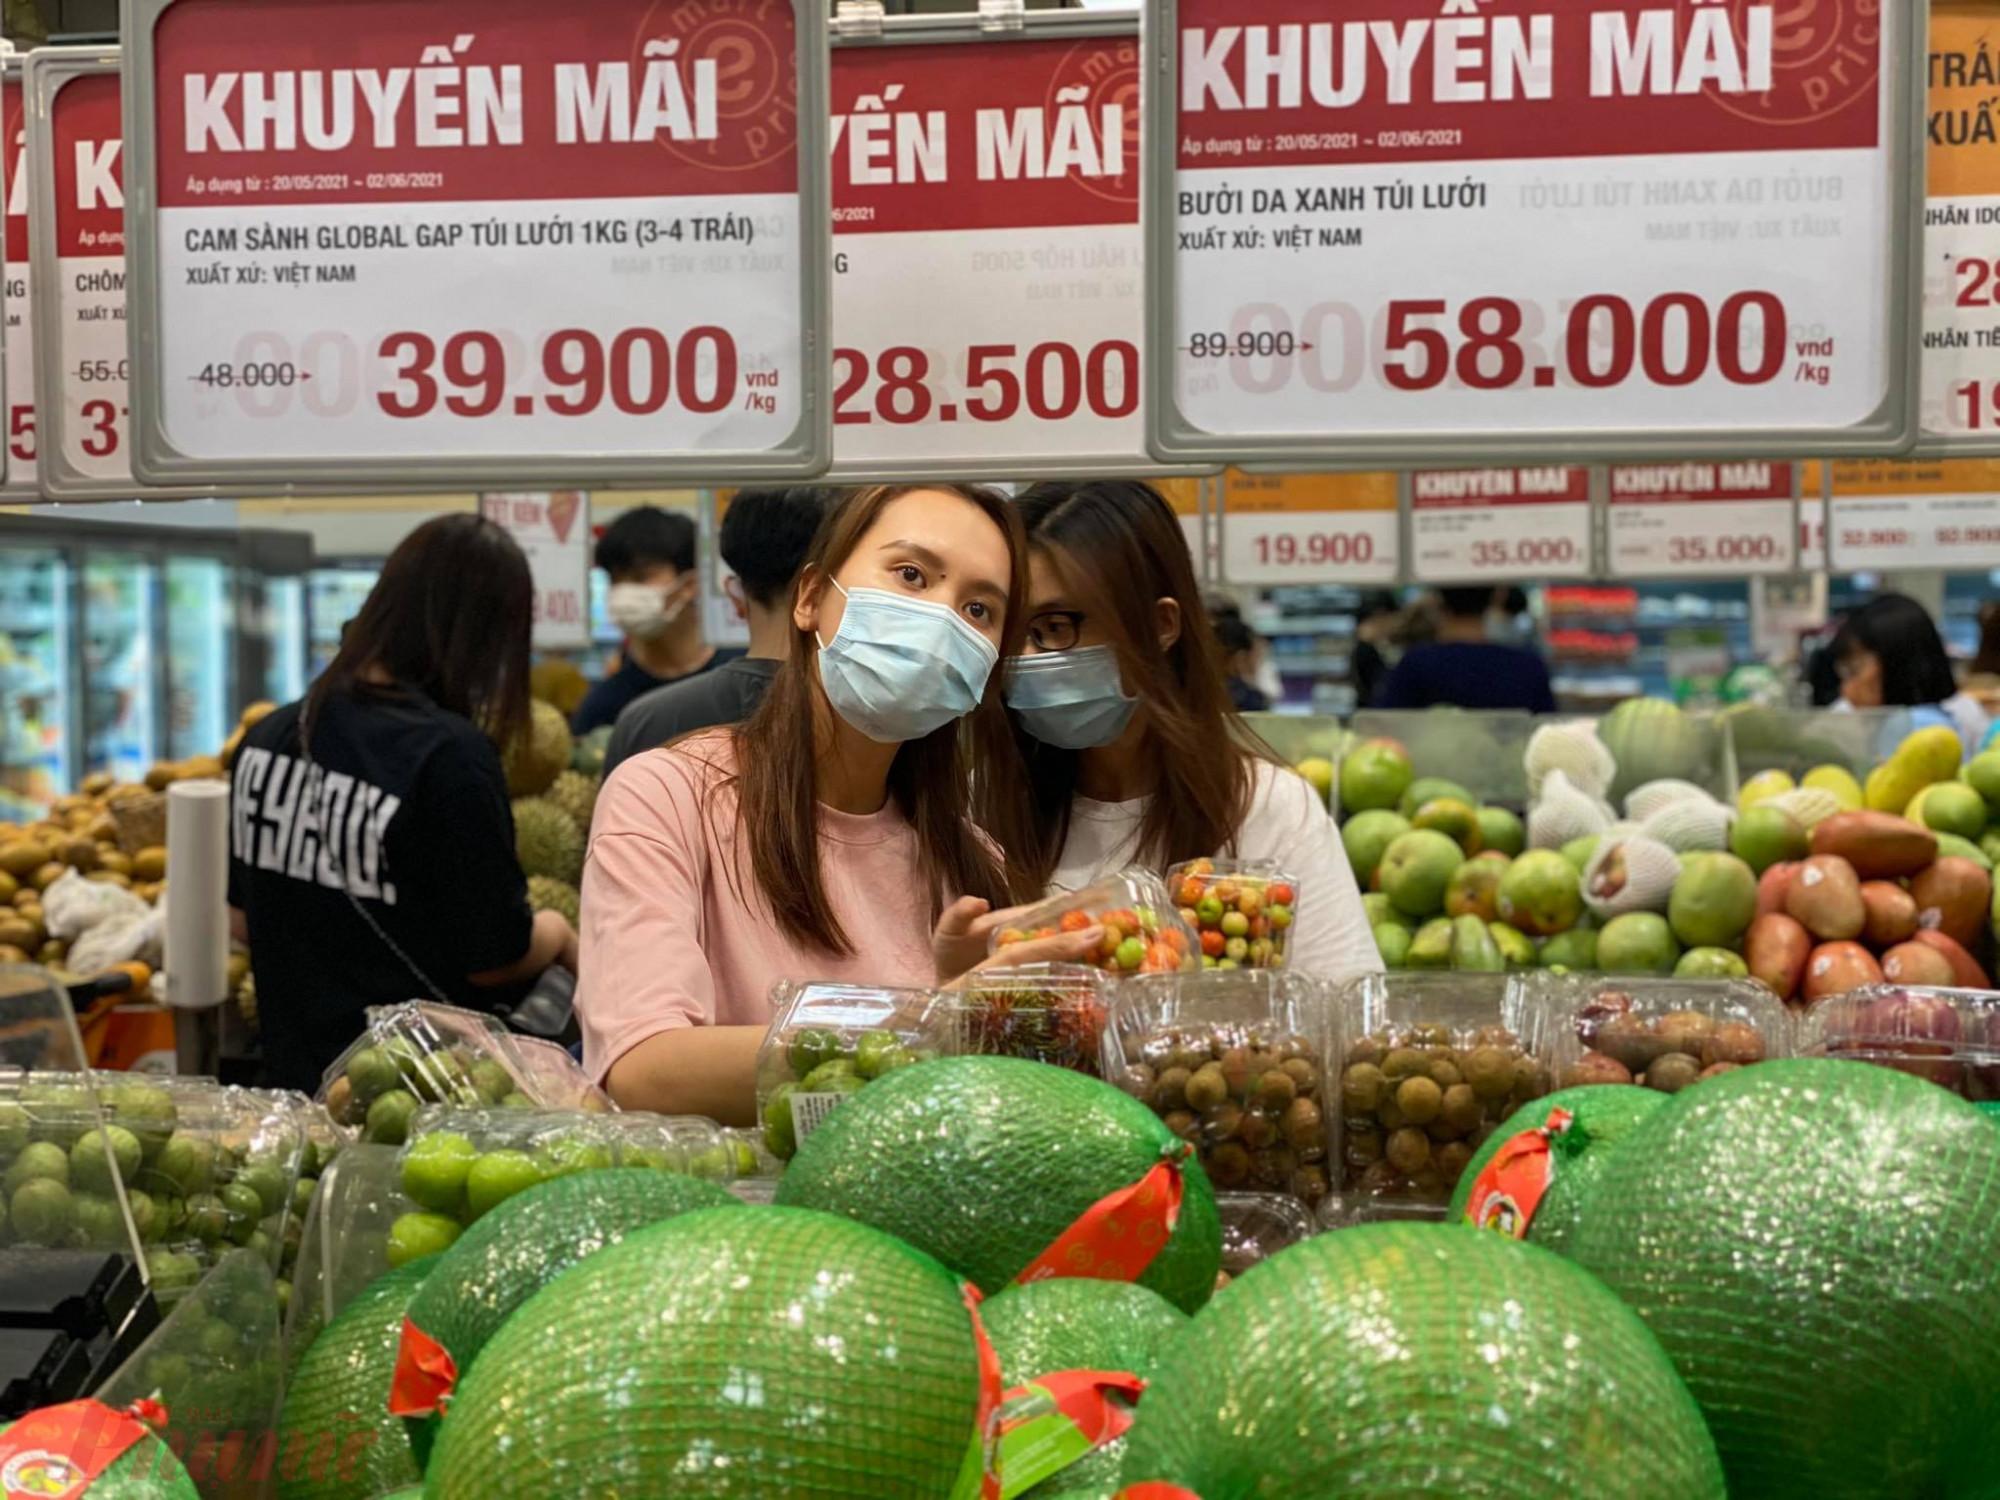 Để tiết kiệm chi tiêu, nhiều người sẽ chuộng các loại thực phẩm giảm giá